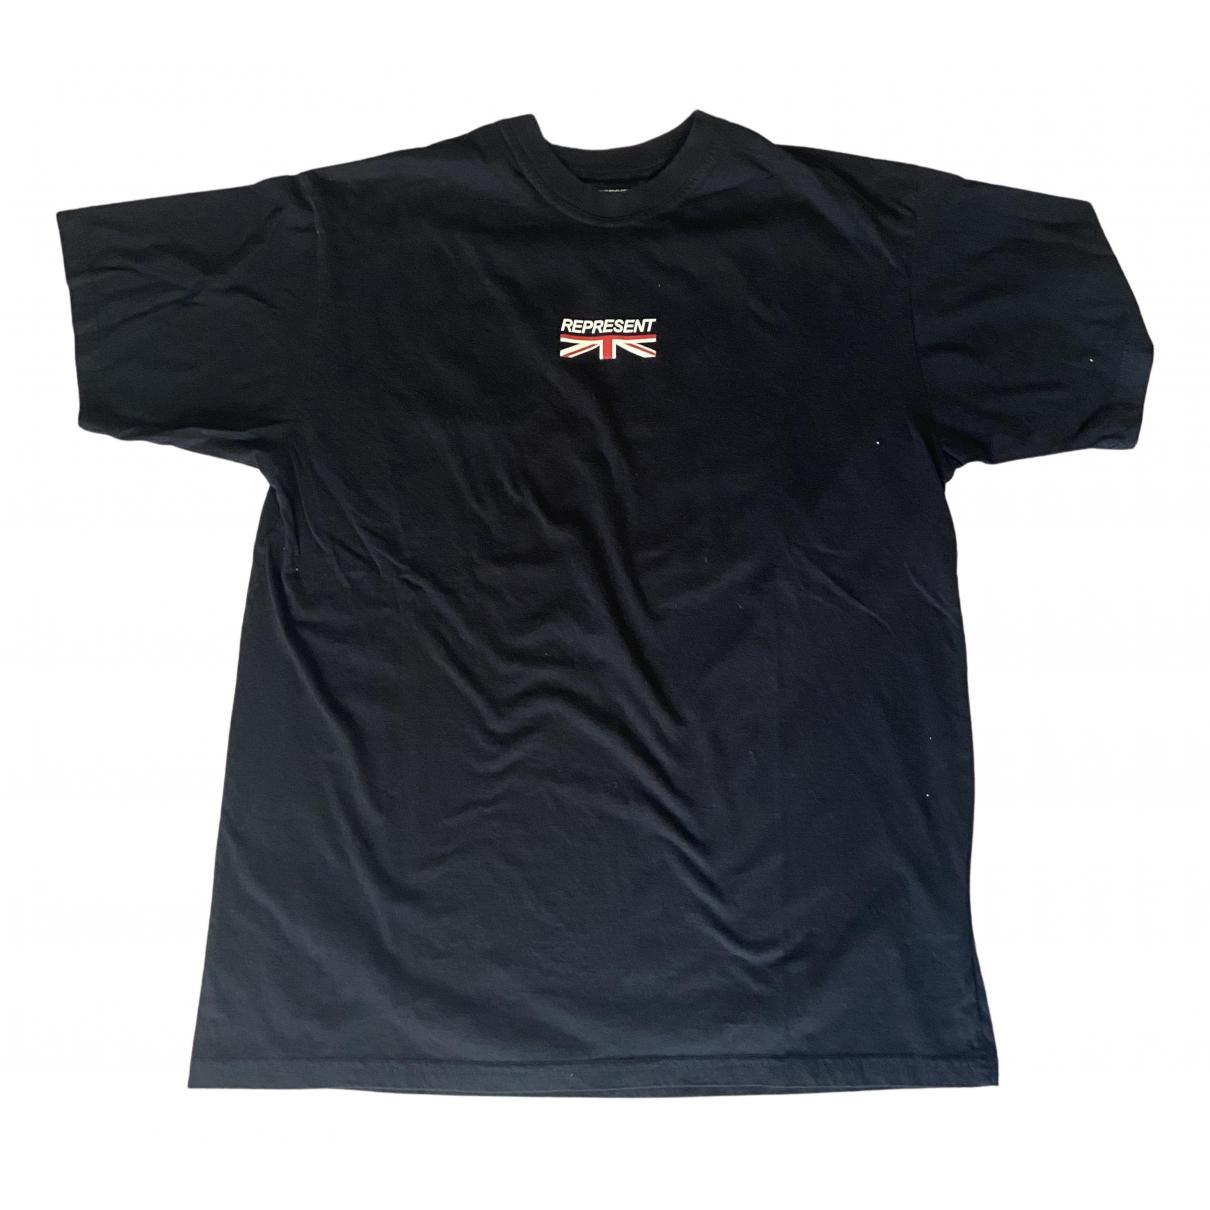 Represent - Tee shirts   pour homme en coton - noir